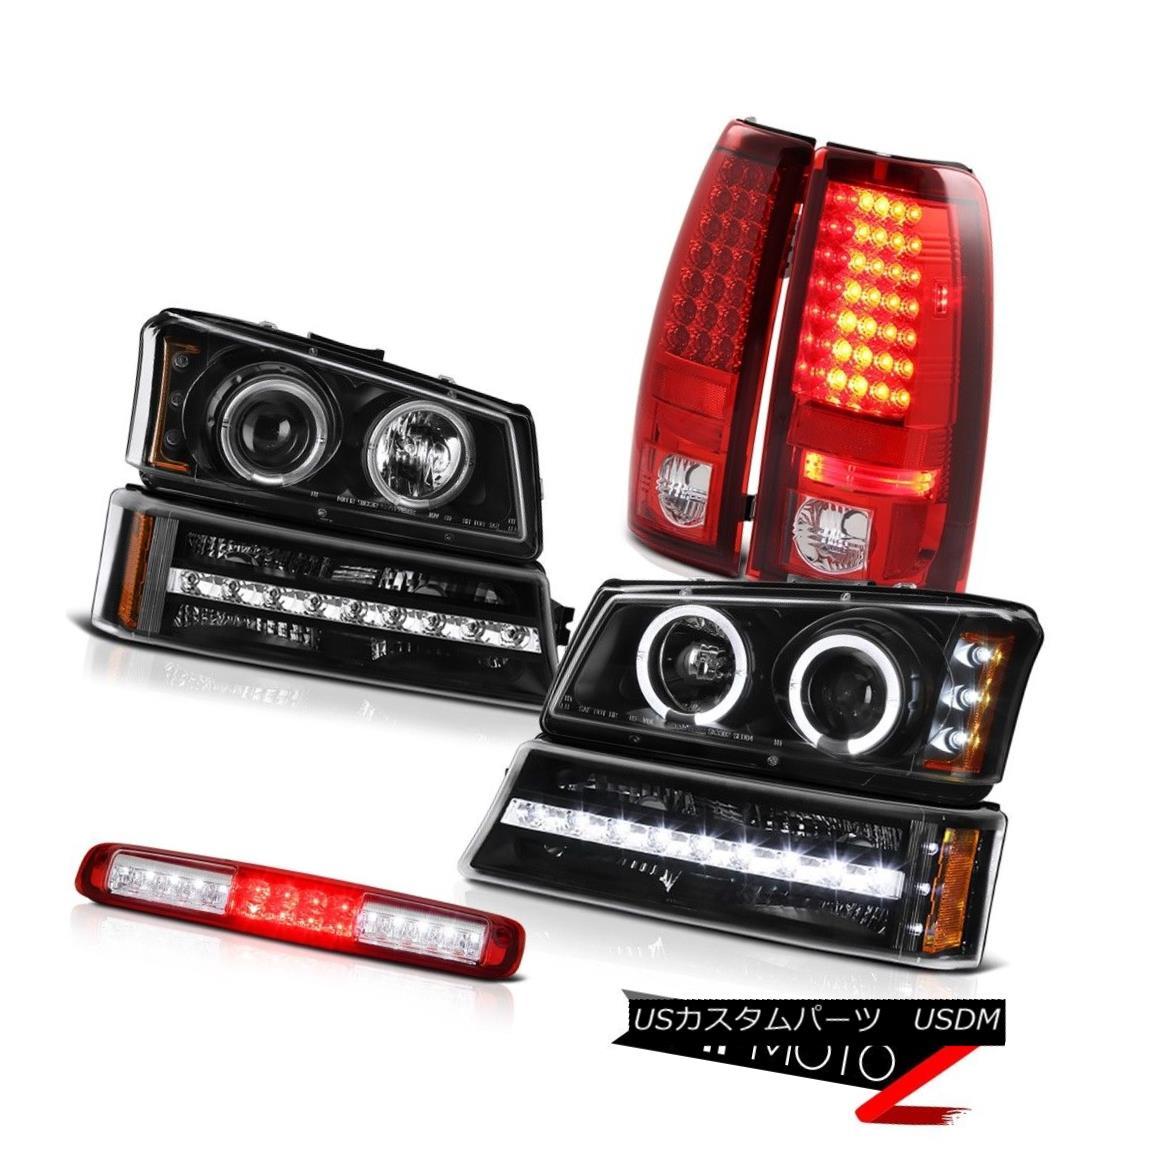 テールライト 2003-2006 Chevy Silverado 2500Hd Red High Stop Lamp Bumper Headlights Taillamps 2003-2006シボレーシルバラード2500Hdレッドハイストップランプバンパーヘッドライトテールランプ